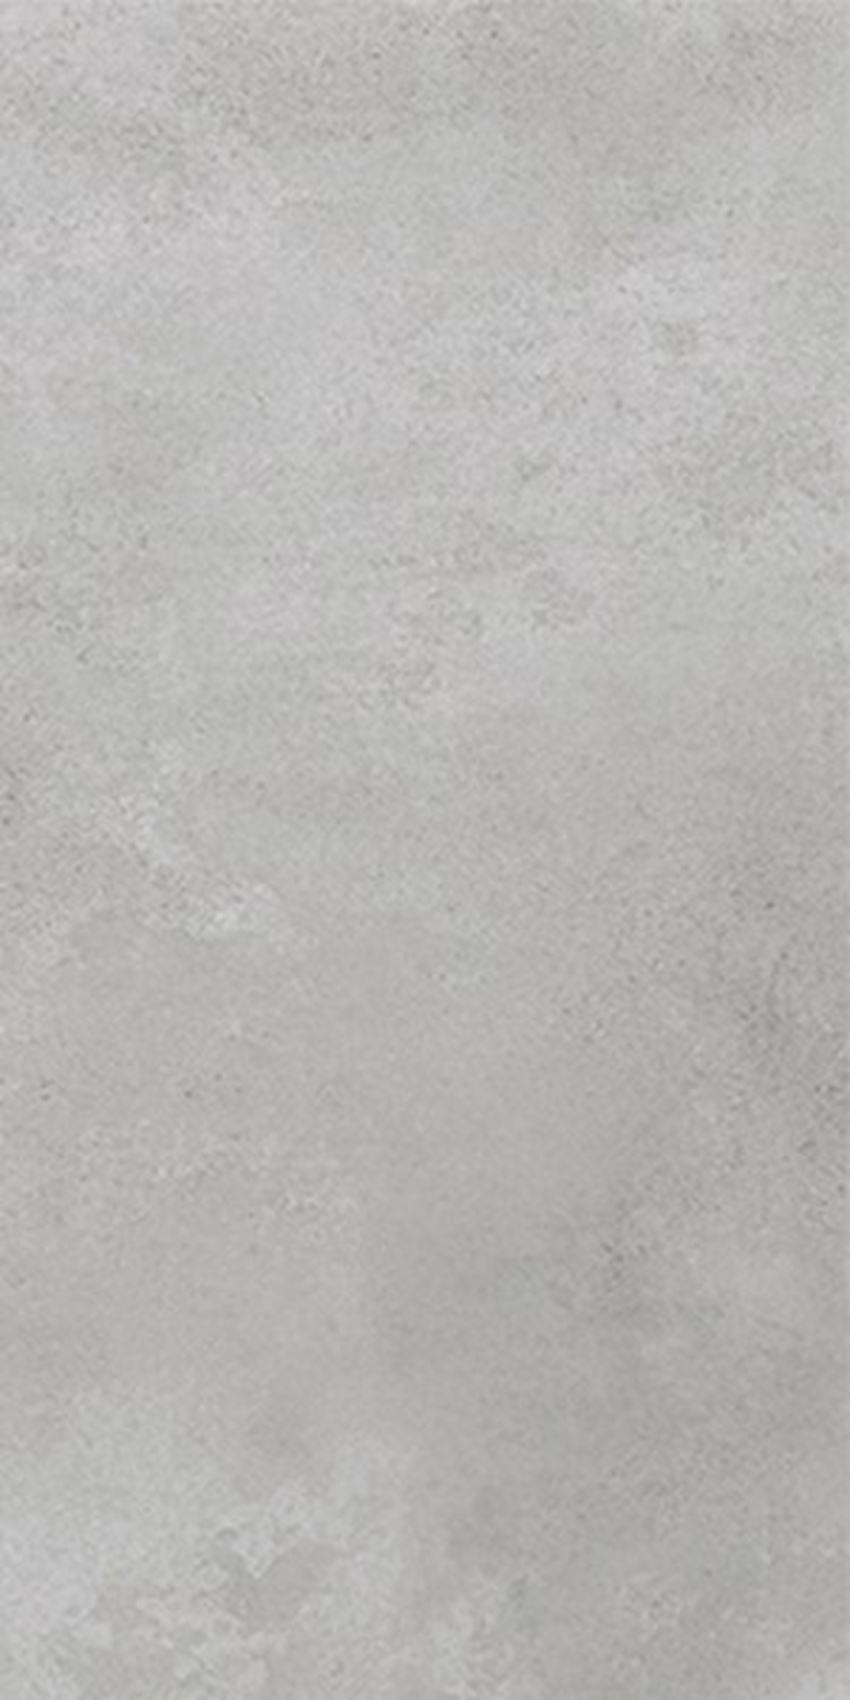 Płytka ścienno-podłogowa lapatto 29,7x59,7 cm Nowa Gala Mirador